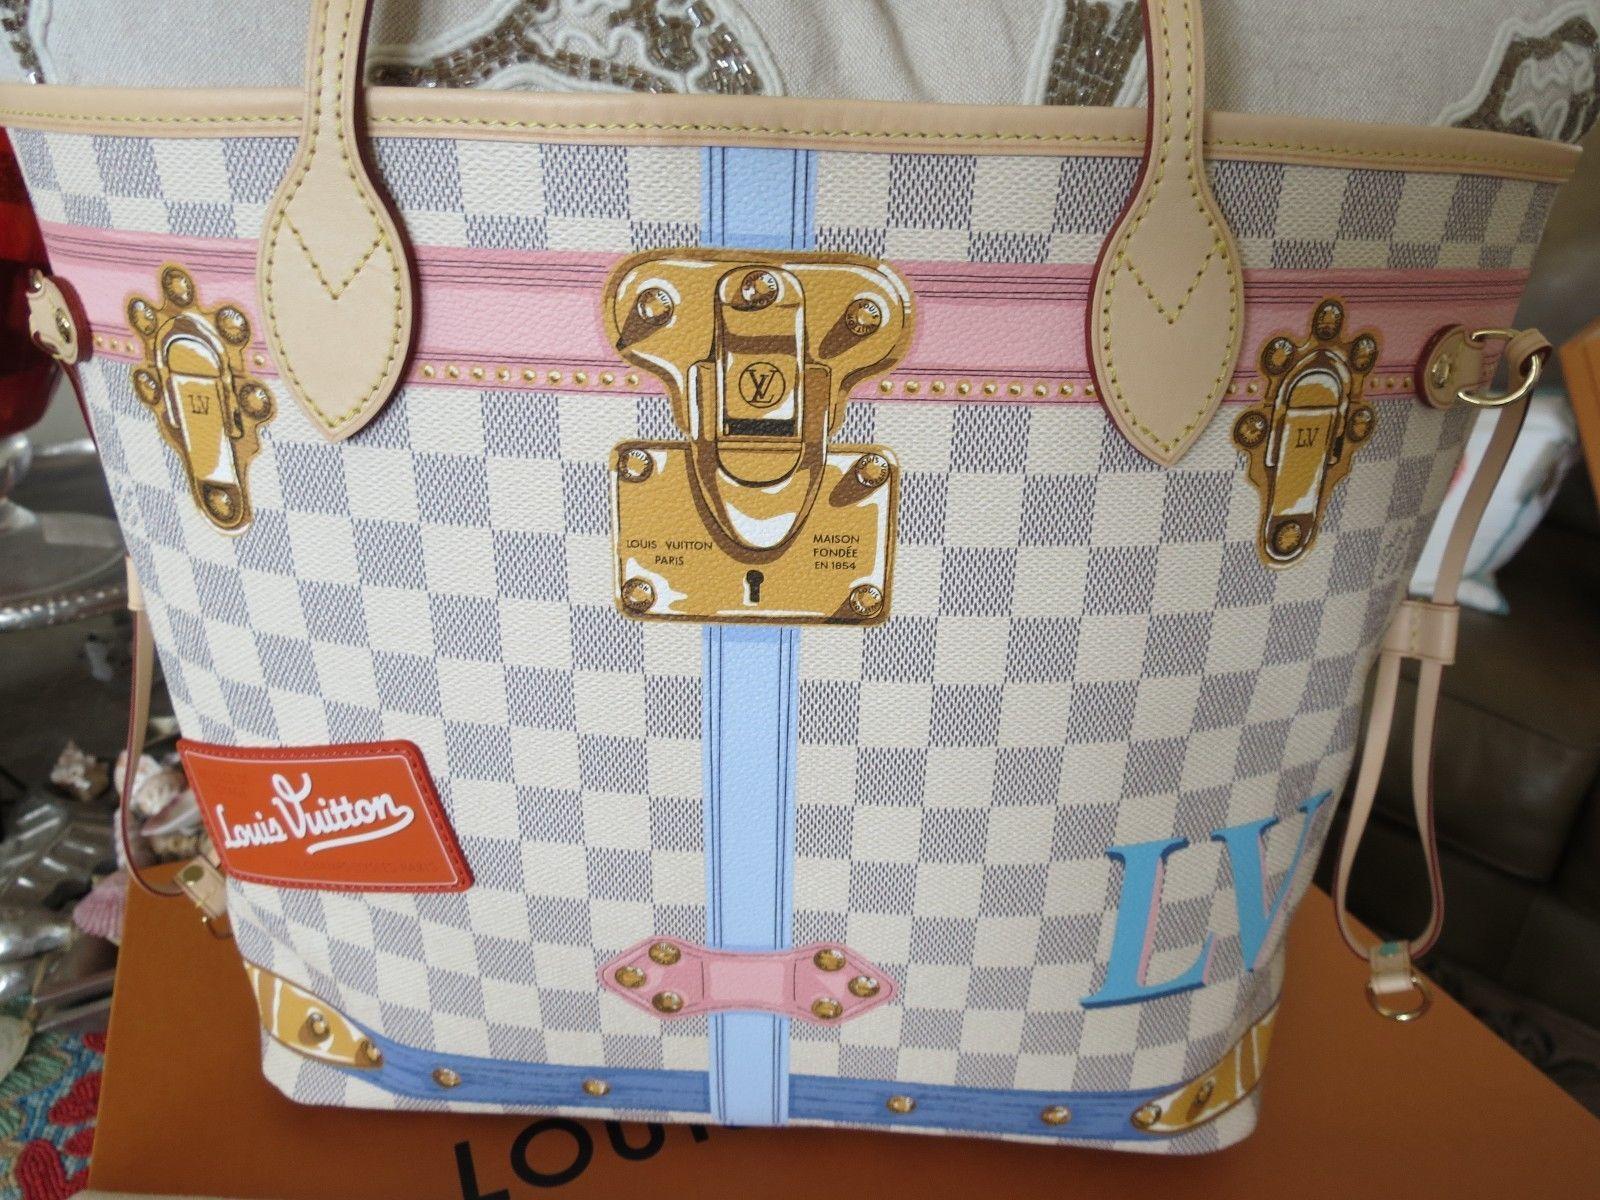 S l1600. S l1600. Louis Vuitton Neverfull Summer Trunk MM Damier Azur NWT  Authentic Limited · Louis Vuitton ... cf4a90e8b6d5e